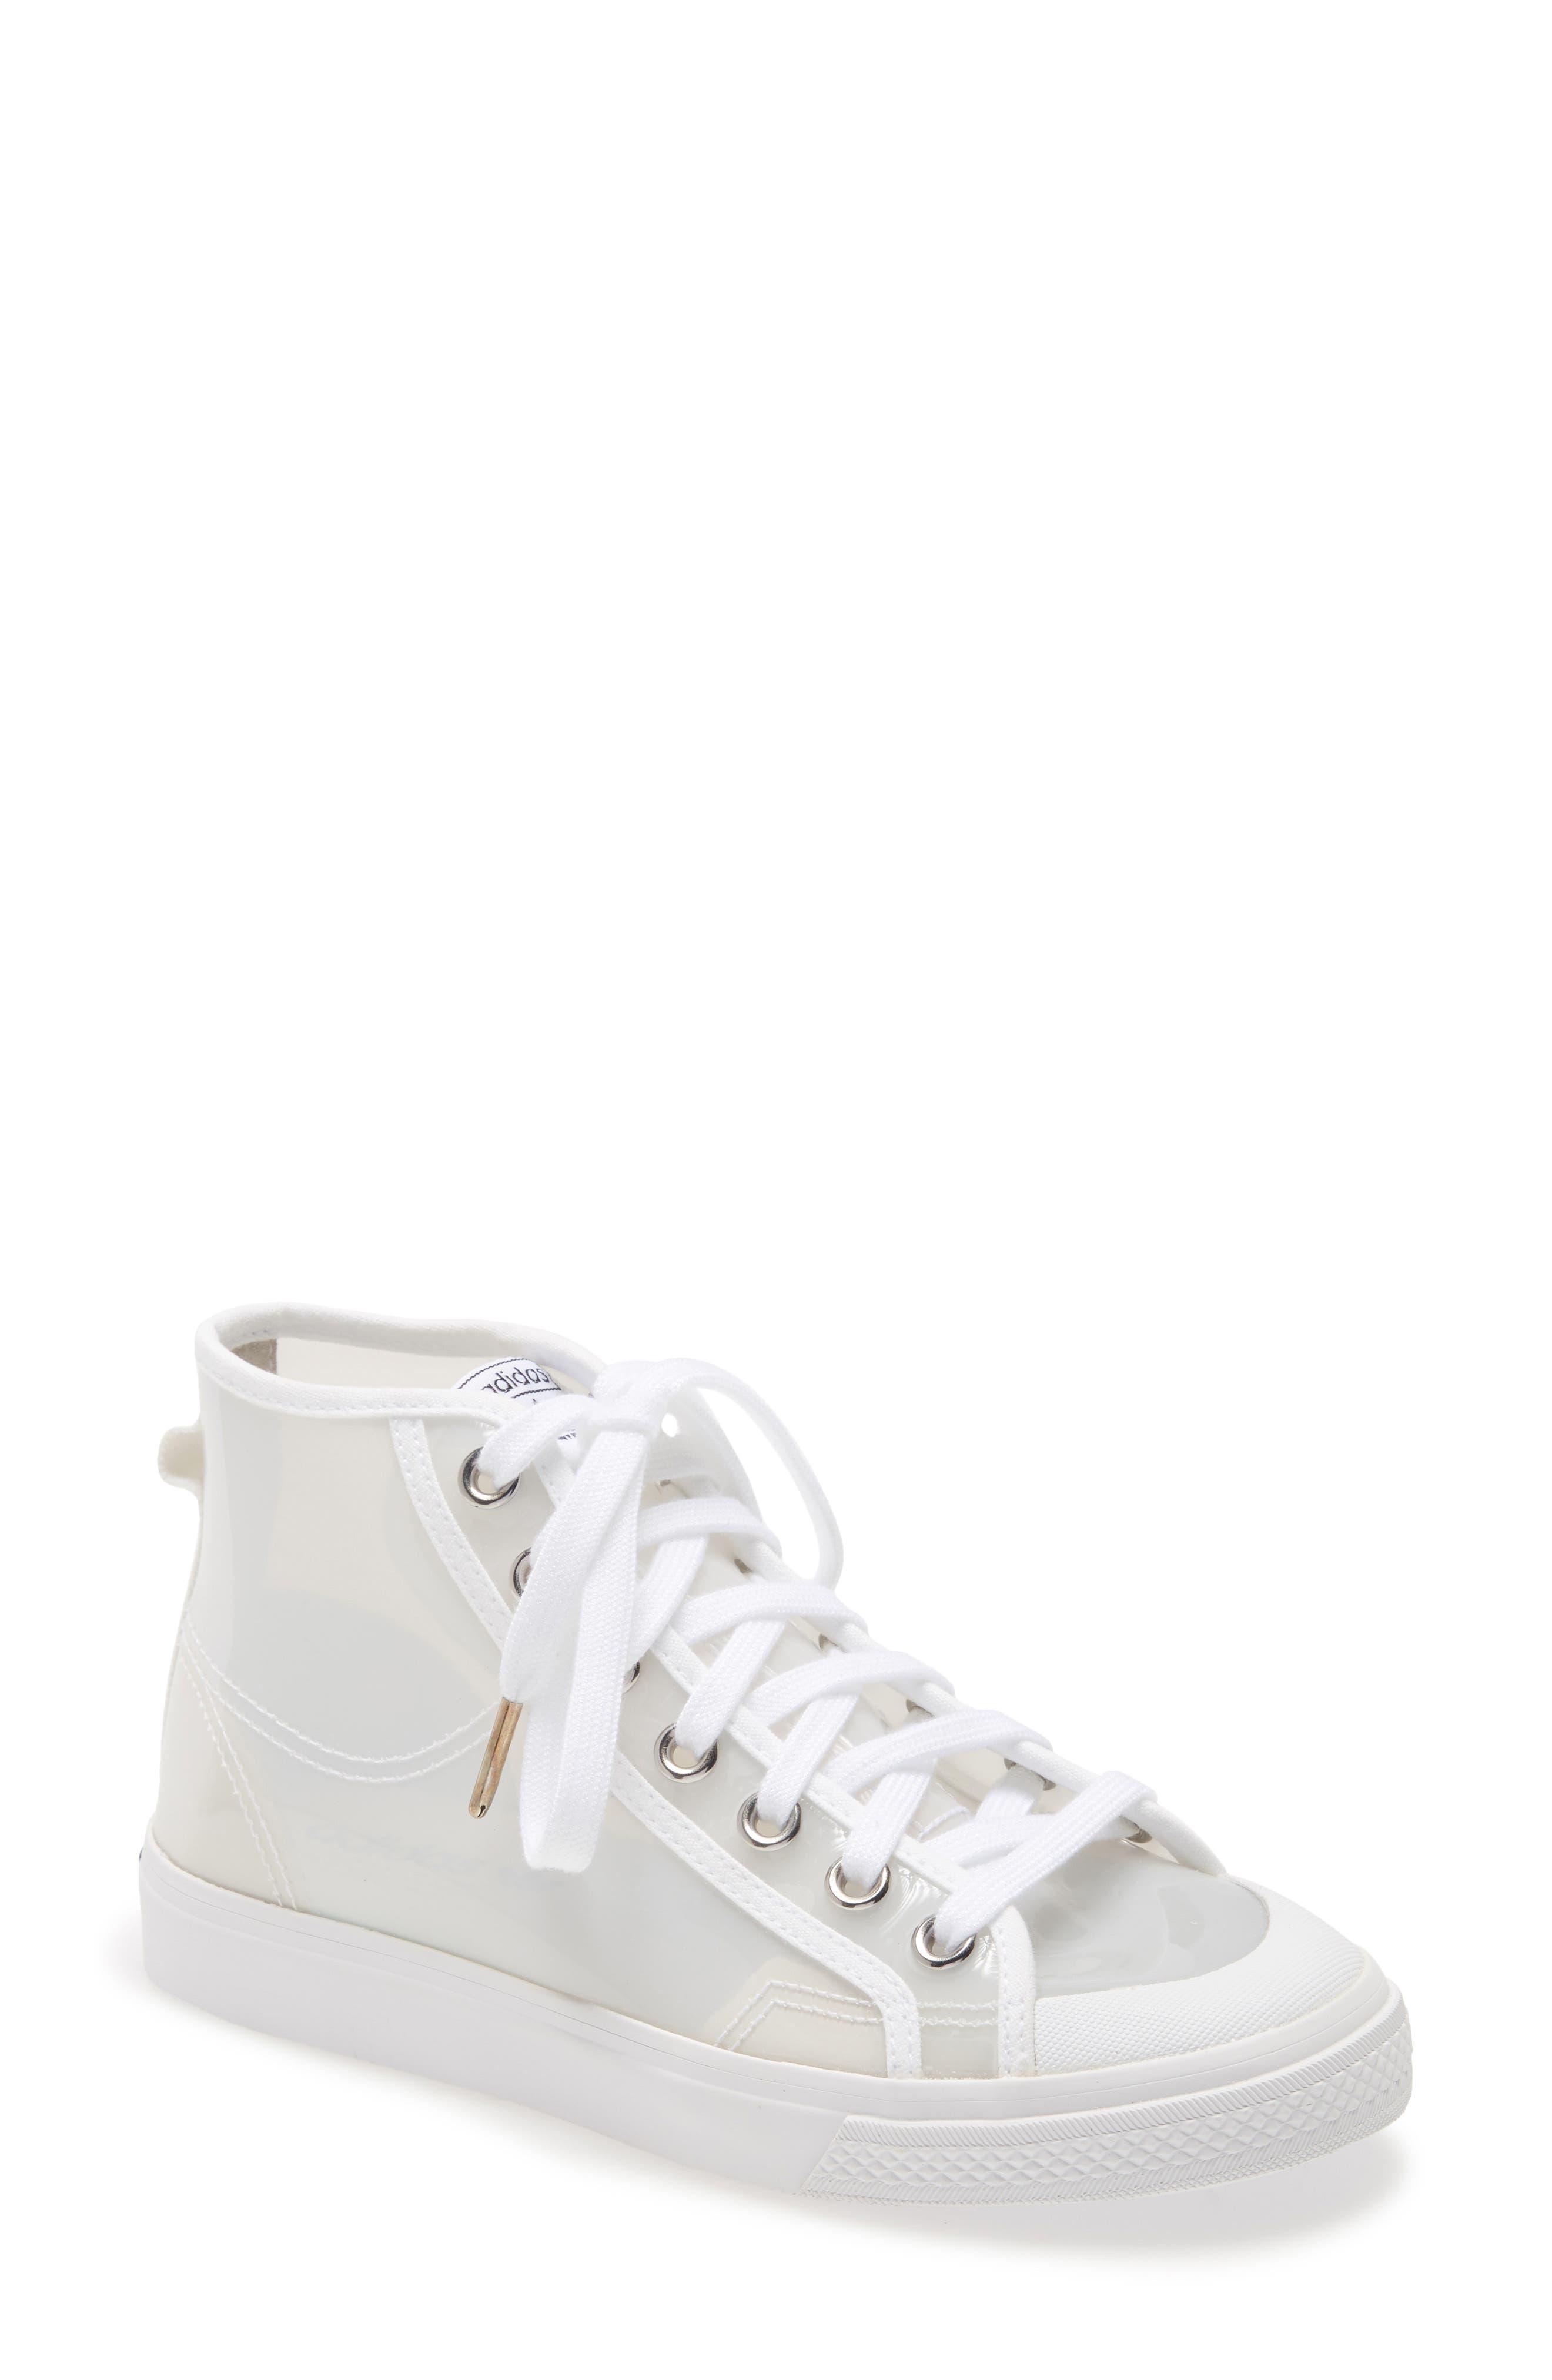 Women s Adidas Nizza Opaque High Top Sneaker E5120